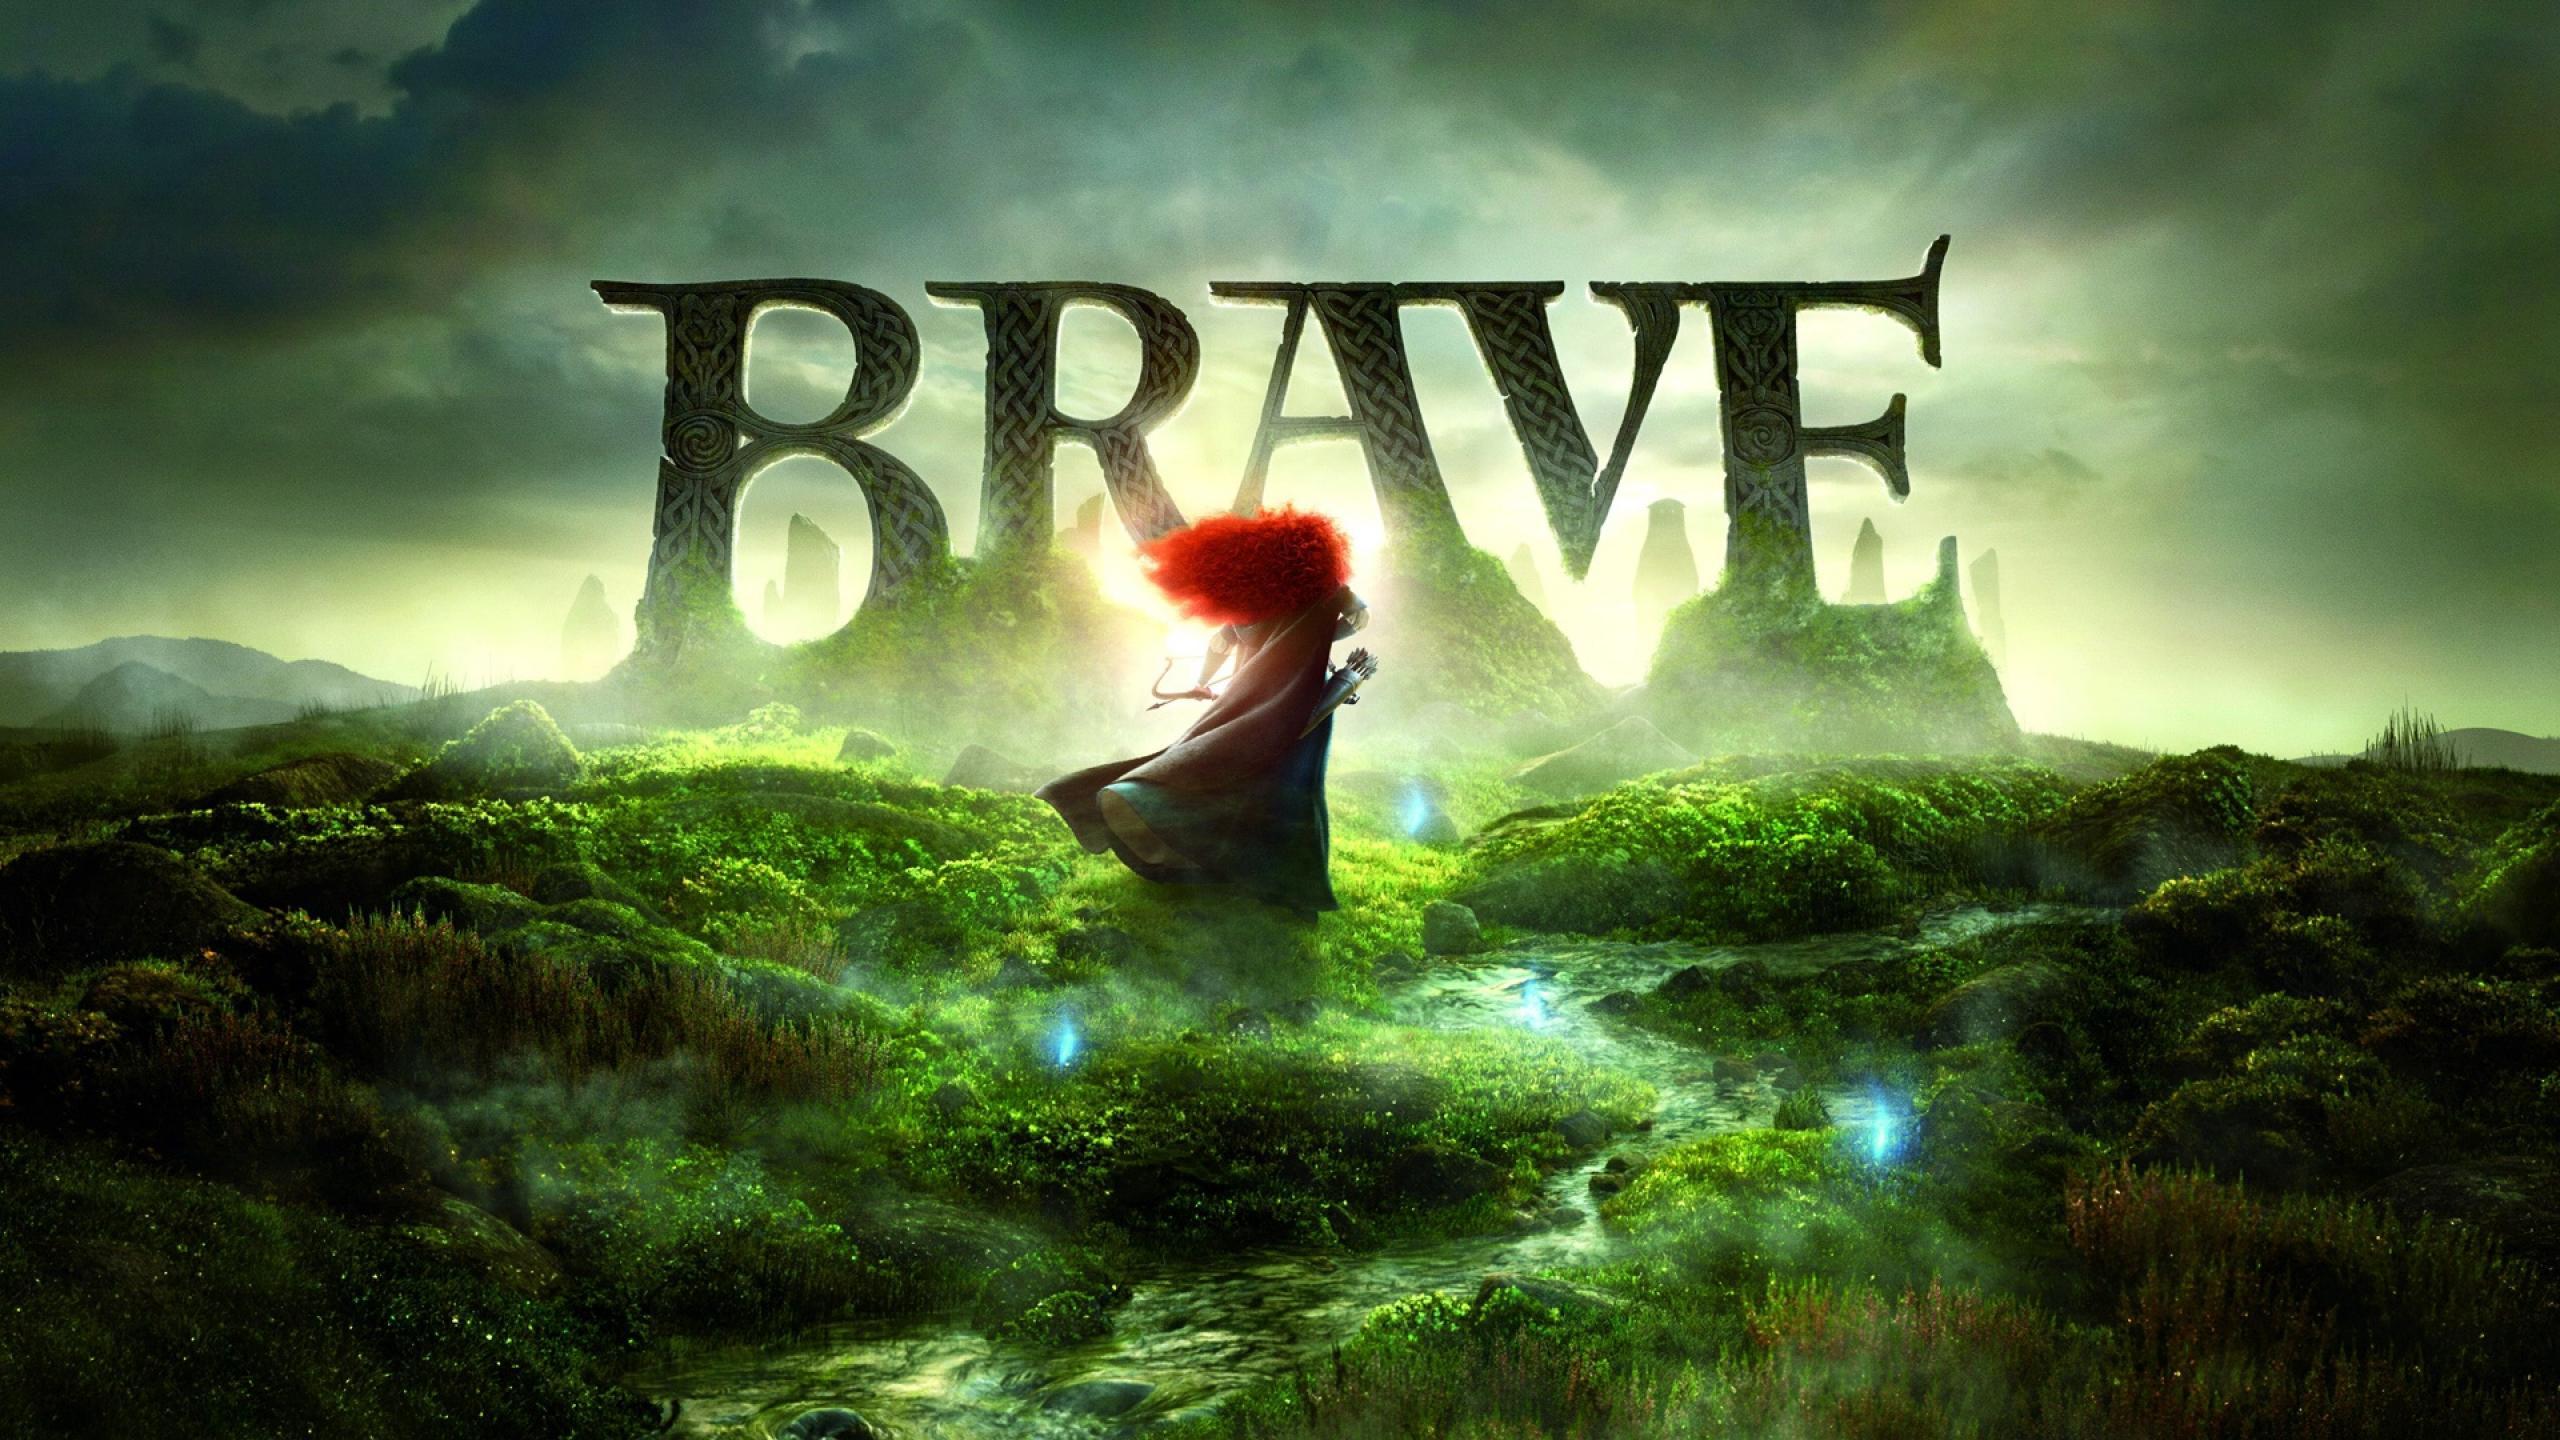 brave wallpaper 1280x1024 - photo #11